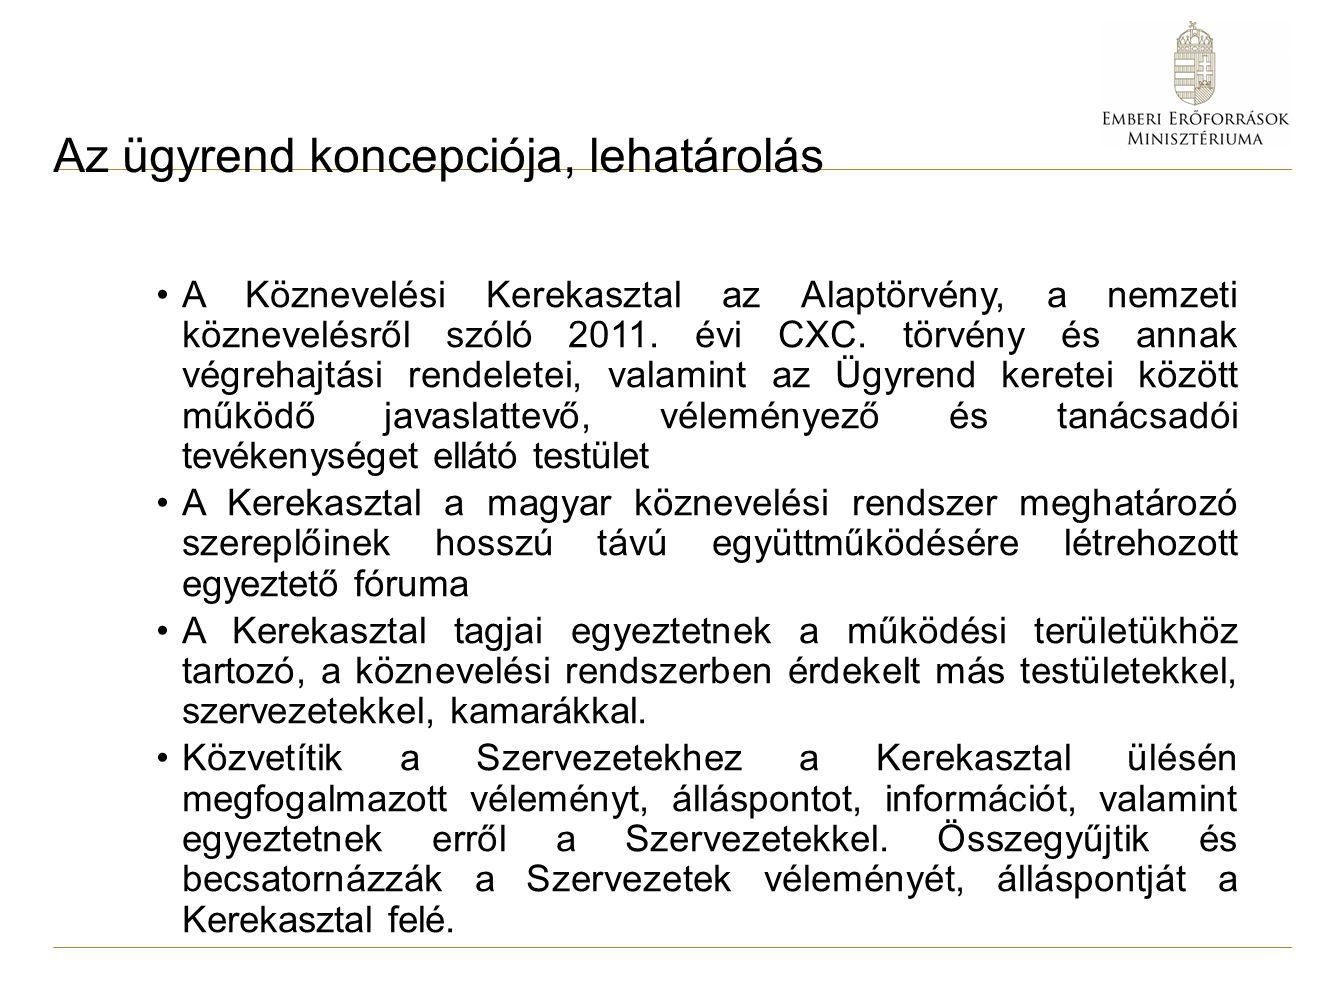 Az ügyrend koncepciója, lehatárolás A Köznevelési Kerekasztal az Alaptörvény, a nemzeti köznevelésről szóló 2011. évi CXC. törvény és annak végrehajtá